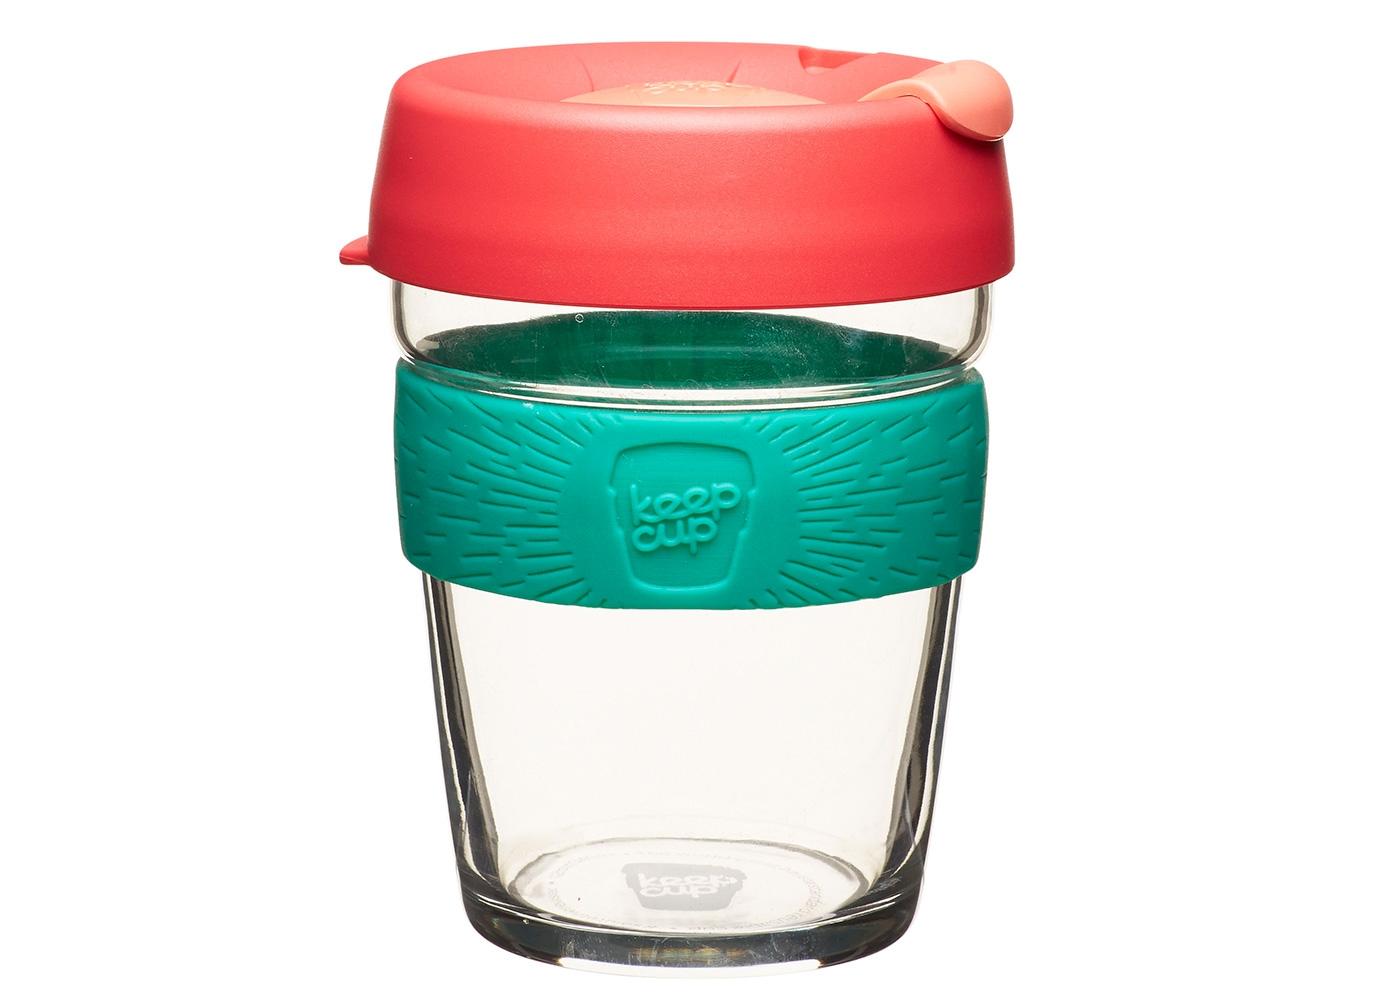 Кружка Keepcup figЧайные пары, чашки и кружки<br>Новая версия культовых кружек KeepCup со стенками из закаленного стекла и еще более удобной крышкой.&amp;amp;nbsp;<br>Кружка, созданная с мыслями о вас и о планете. Главная идея KeepCup – вдохновить любителей кофе отказаться от использования&amp;amp;nbsp;&amp;lt;div&amp;gt;одноразовых бумажных и пластиковых стаканов, так как их производство и утилизация наносят вред окружающей среде.&amp;amp;nbsp;&amp;lt;/div&amp;gt;&amp;lt;div&amp;gt;&amp;lt;br&amp;gt;&amp;lt;/div&amp;gt;&amp;lt;div&amp;gt;Специальная крышка с открывающимся и закрывающимся клапаном спасет от брызг, а силиконовый ободок поможет не обжечься (плюс, удобно держать кружку в руках.<br>Крышка сделана из нетоксичного пластика без содержания вредного бисфенола (BPA-free). Корпус - из закаленного стекла, устойчивого к термическому и механическому воздействию. Разработана и произведена в Австралии.&amp;lt;div&amp;gt;&amp;lt;br&amp;gt;&amp;lt;/div&amp;gt;&amp;lt;div&amp;gt;Объем 340 мл.&amp;lt;/div&amp;gt;&amp;lt;/div&amp;gt;<br><br>Material: Стекло<br>Высота см: 13